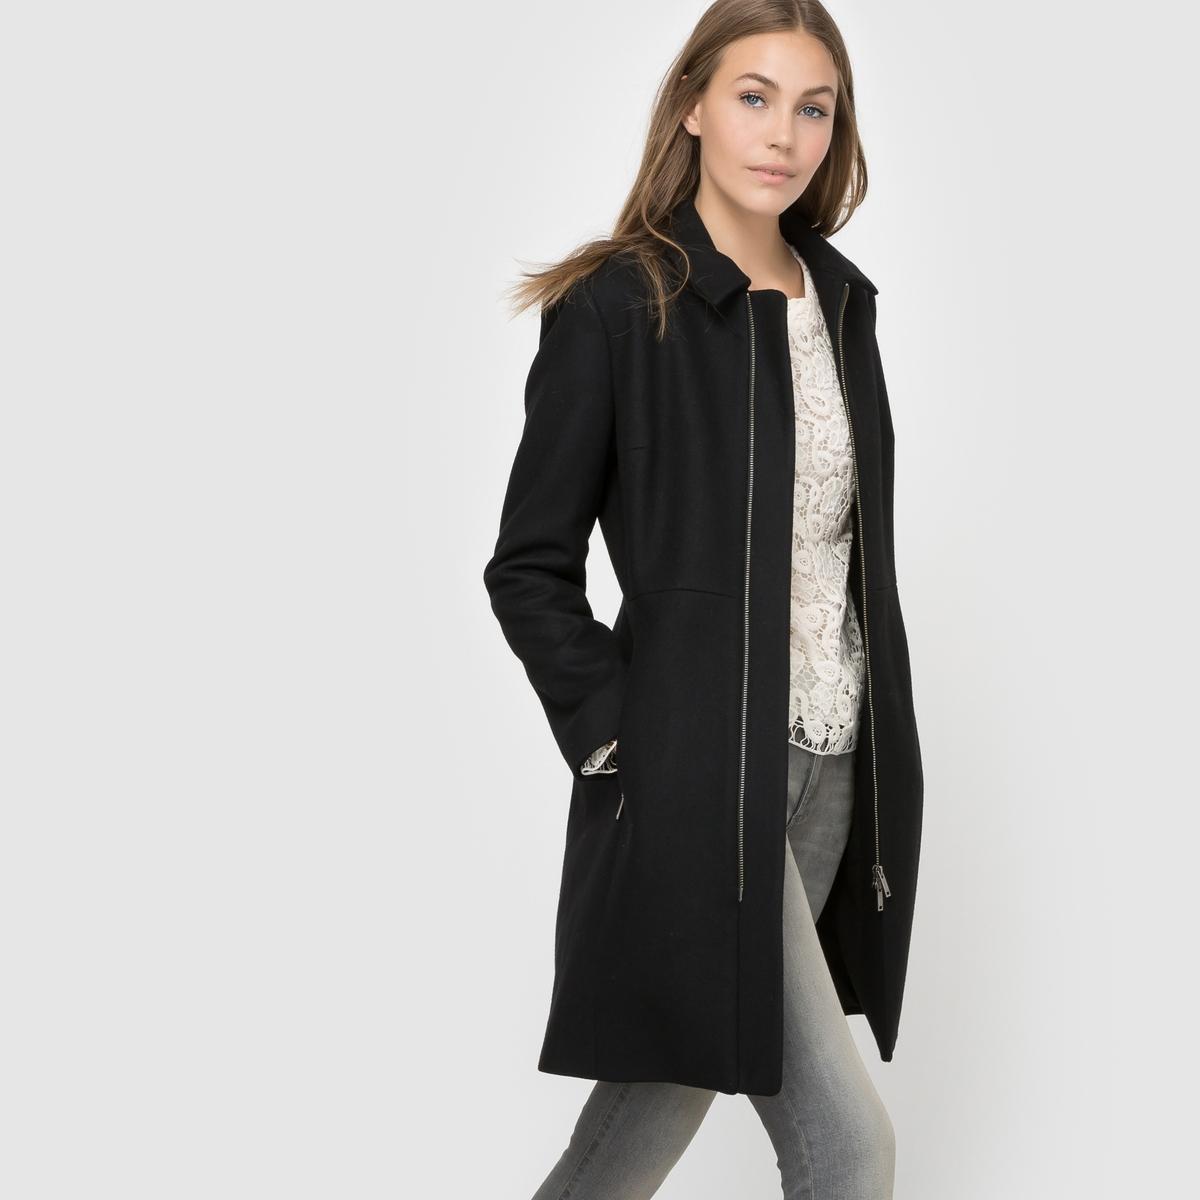 Пальто на молнии, 50% шерсти.Пальто на молнии, French Connection.Отличное пальто с преобладанием шерсти с очень актуальными застежками на молнию из структурированной ткани. 2 кармана с застежкой на молнию. Состав и описание : Материал : 75% шерсти, 20% полиамида, 5% кашемира. Марка : French ConnectionЗастежка : на молнию.Приталенный покрой<br><br>Цвет: черный<br>Размер: 42 (FR) - 48 (RUS)